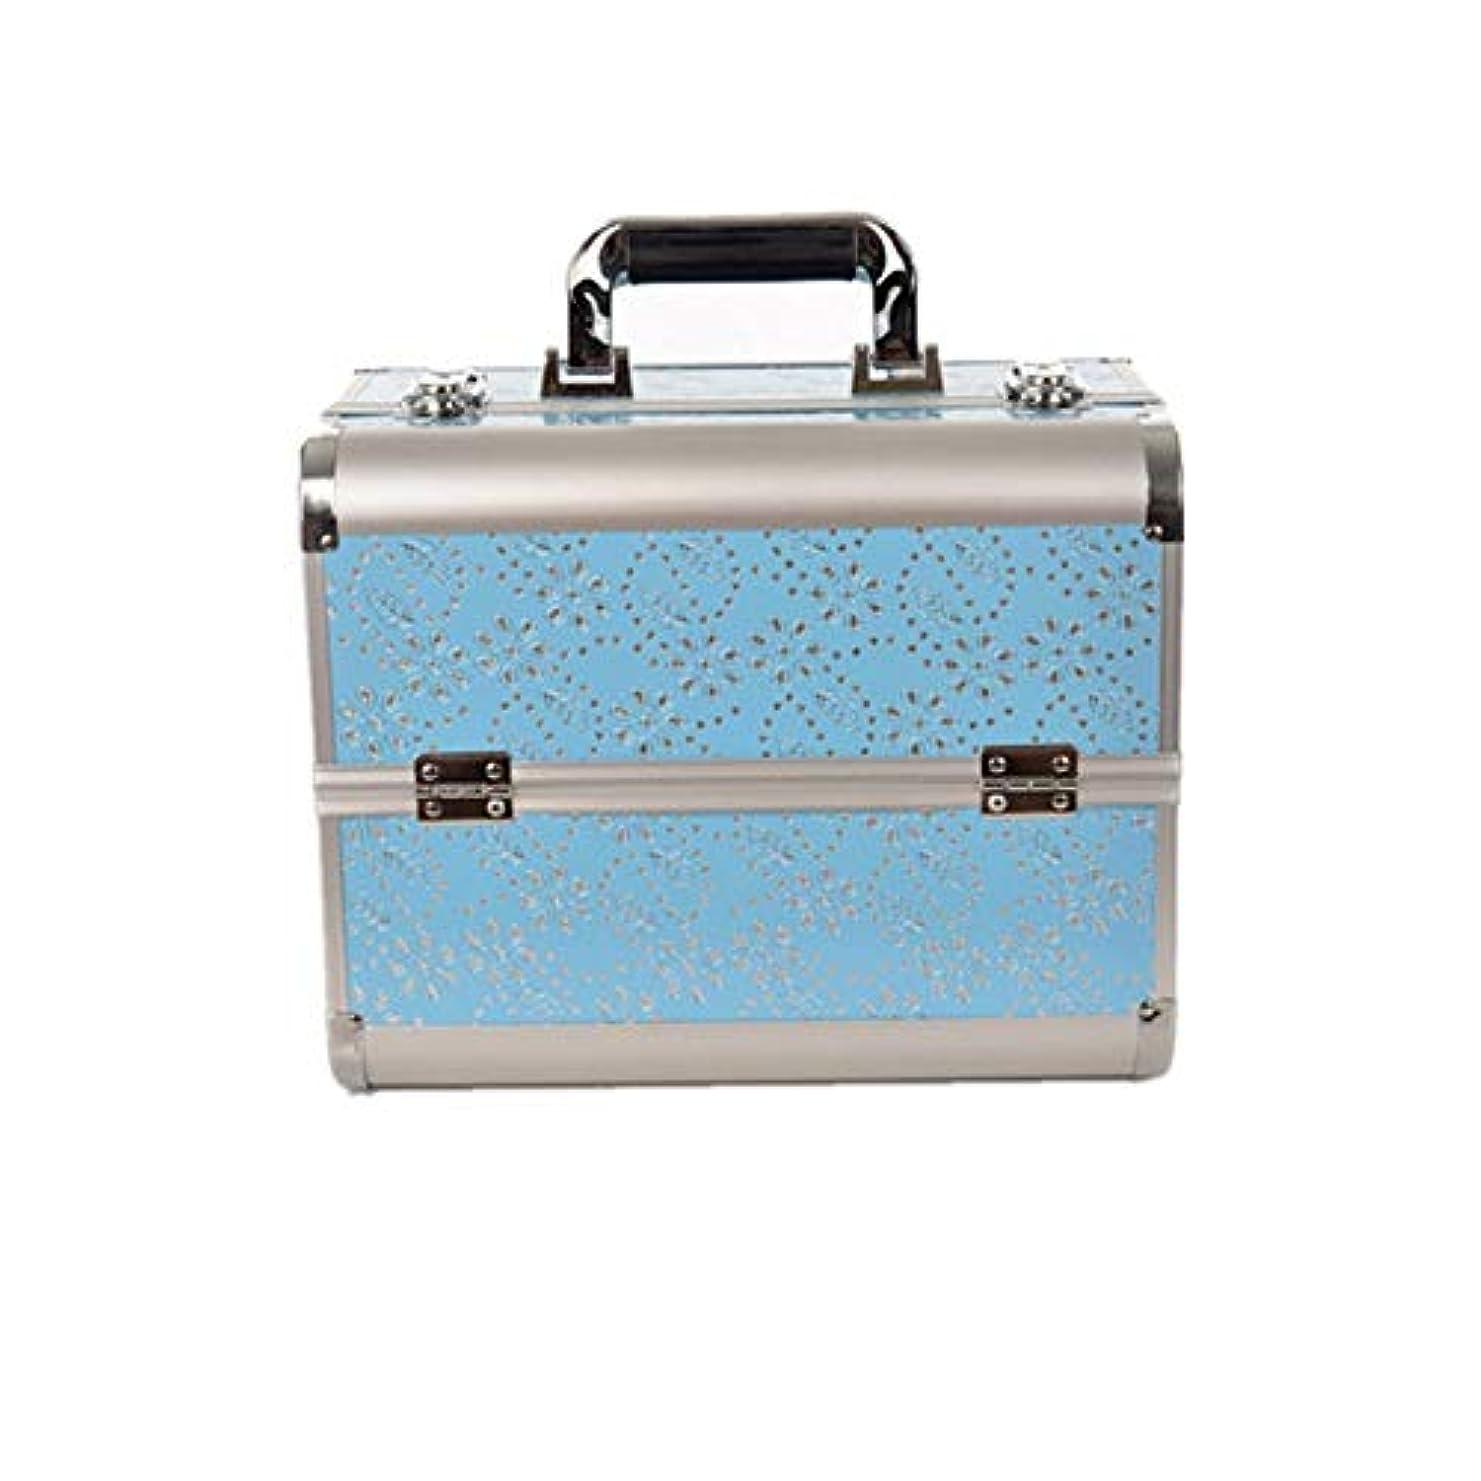 着服年金受給者奇跡化粧オーガナイザーバッグ 大容量ポータブル化粧ケース(トラベルアクセサリー用)シャンプーボディウォッシュパーソナルアイテム収納式 化粧品ケース